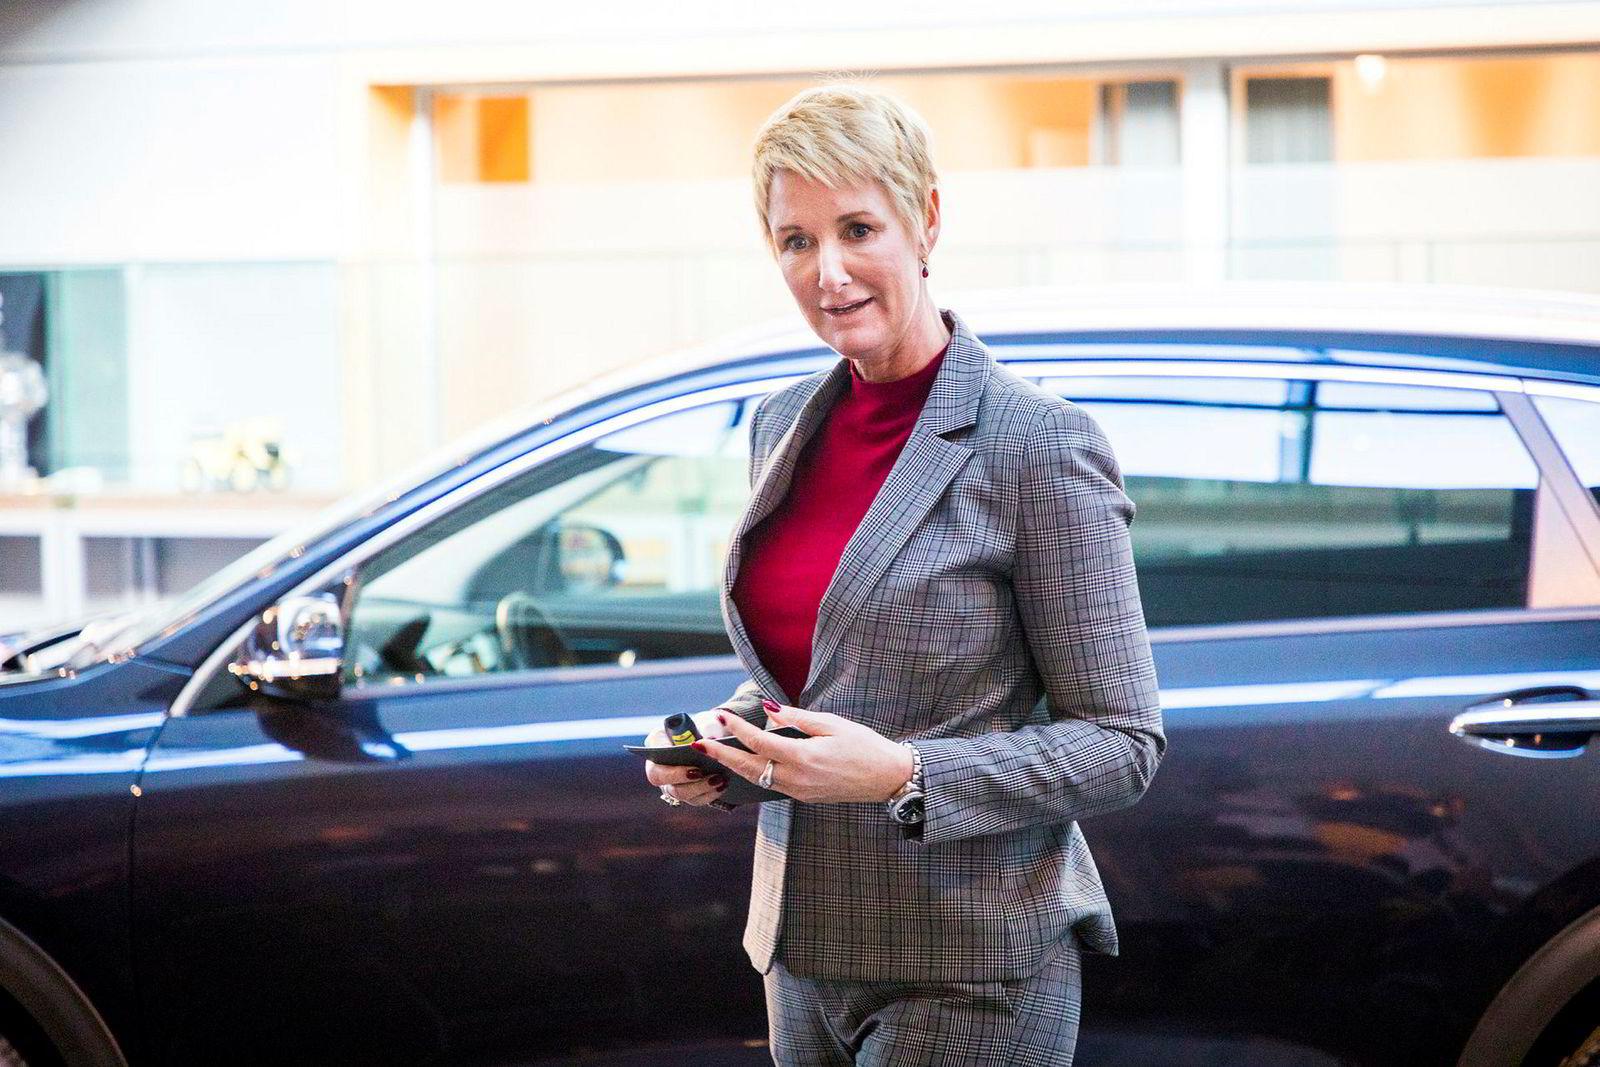 Kia-sjef Irene Solstad skulle gjerne hatt mer informasjon fra fabrikken.